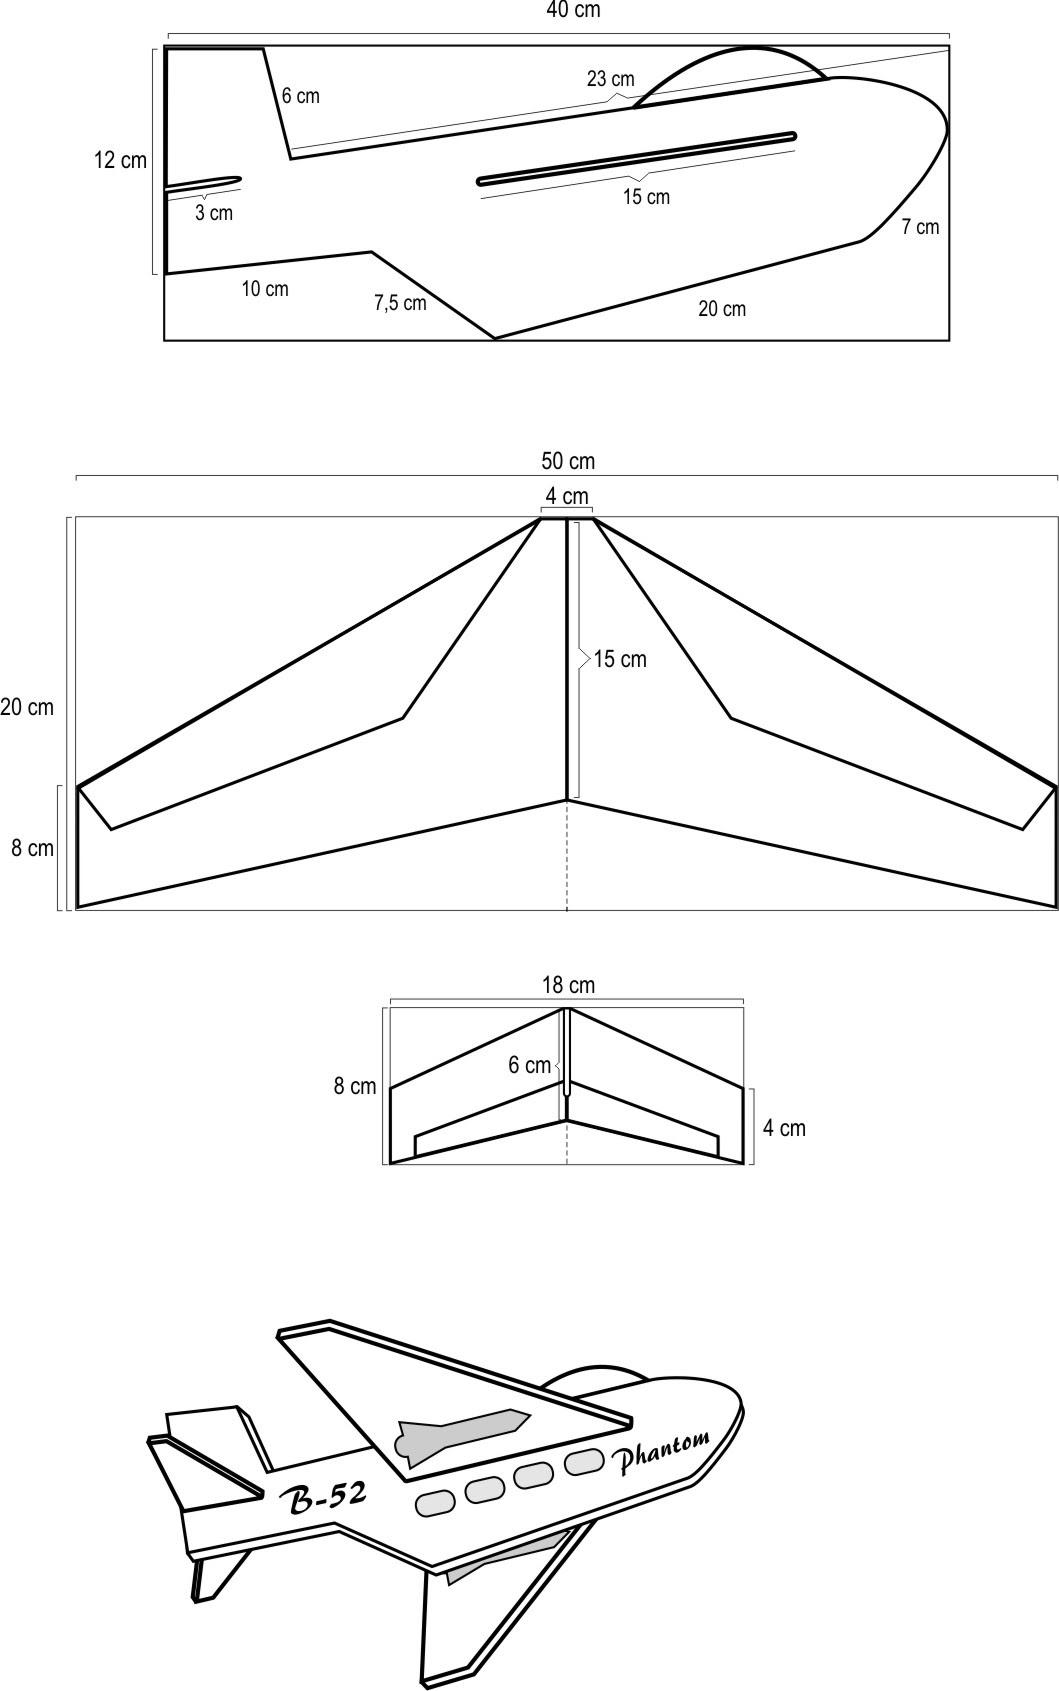 Cara Membuat Pesawat Kertas Yang Bisa Terbang Super Jauh: Kerangka Layang Layang - GAMBAR